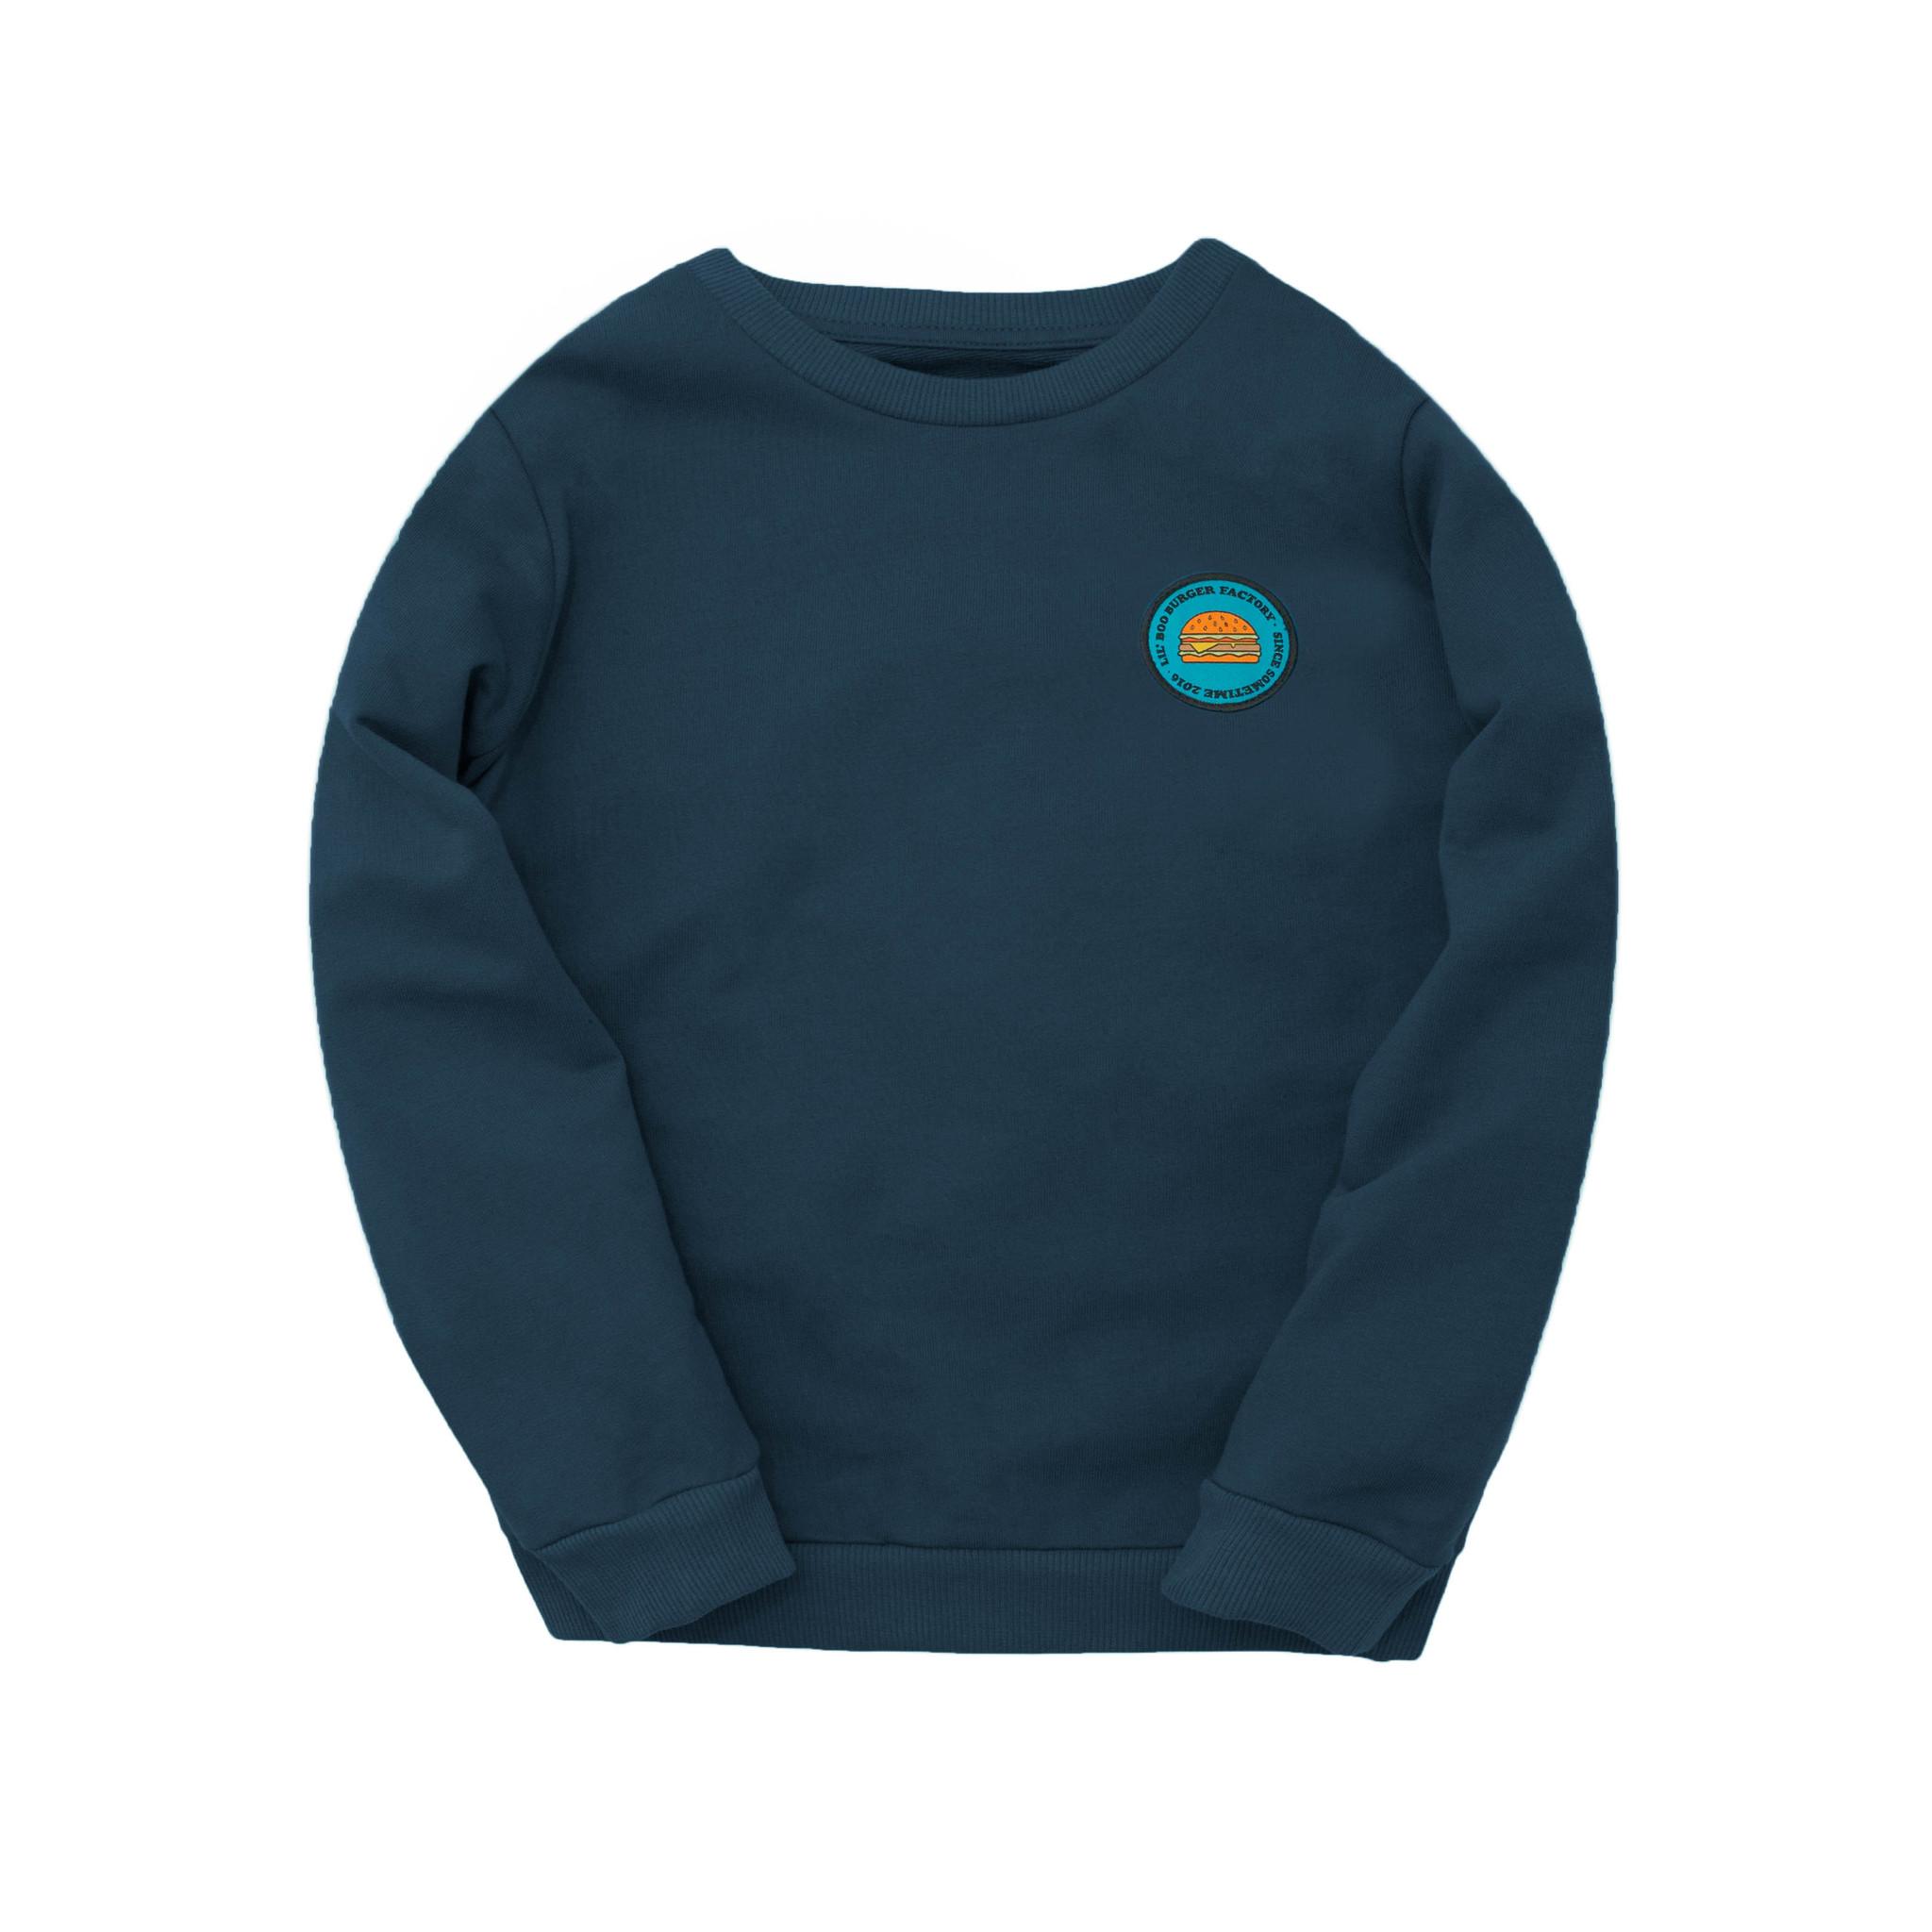 Sweatshirt - Burger Factory Navy-1